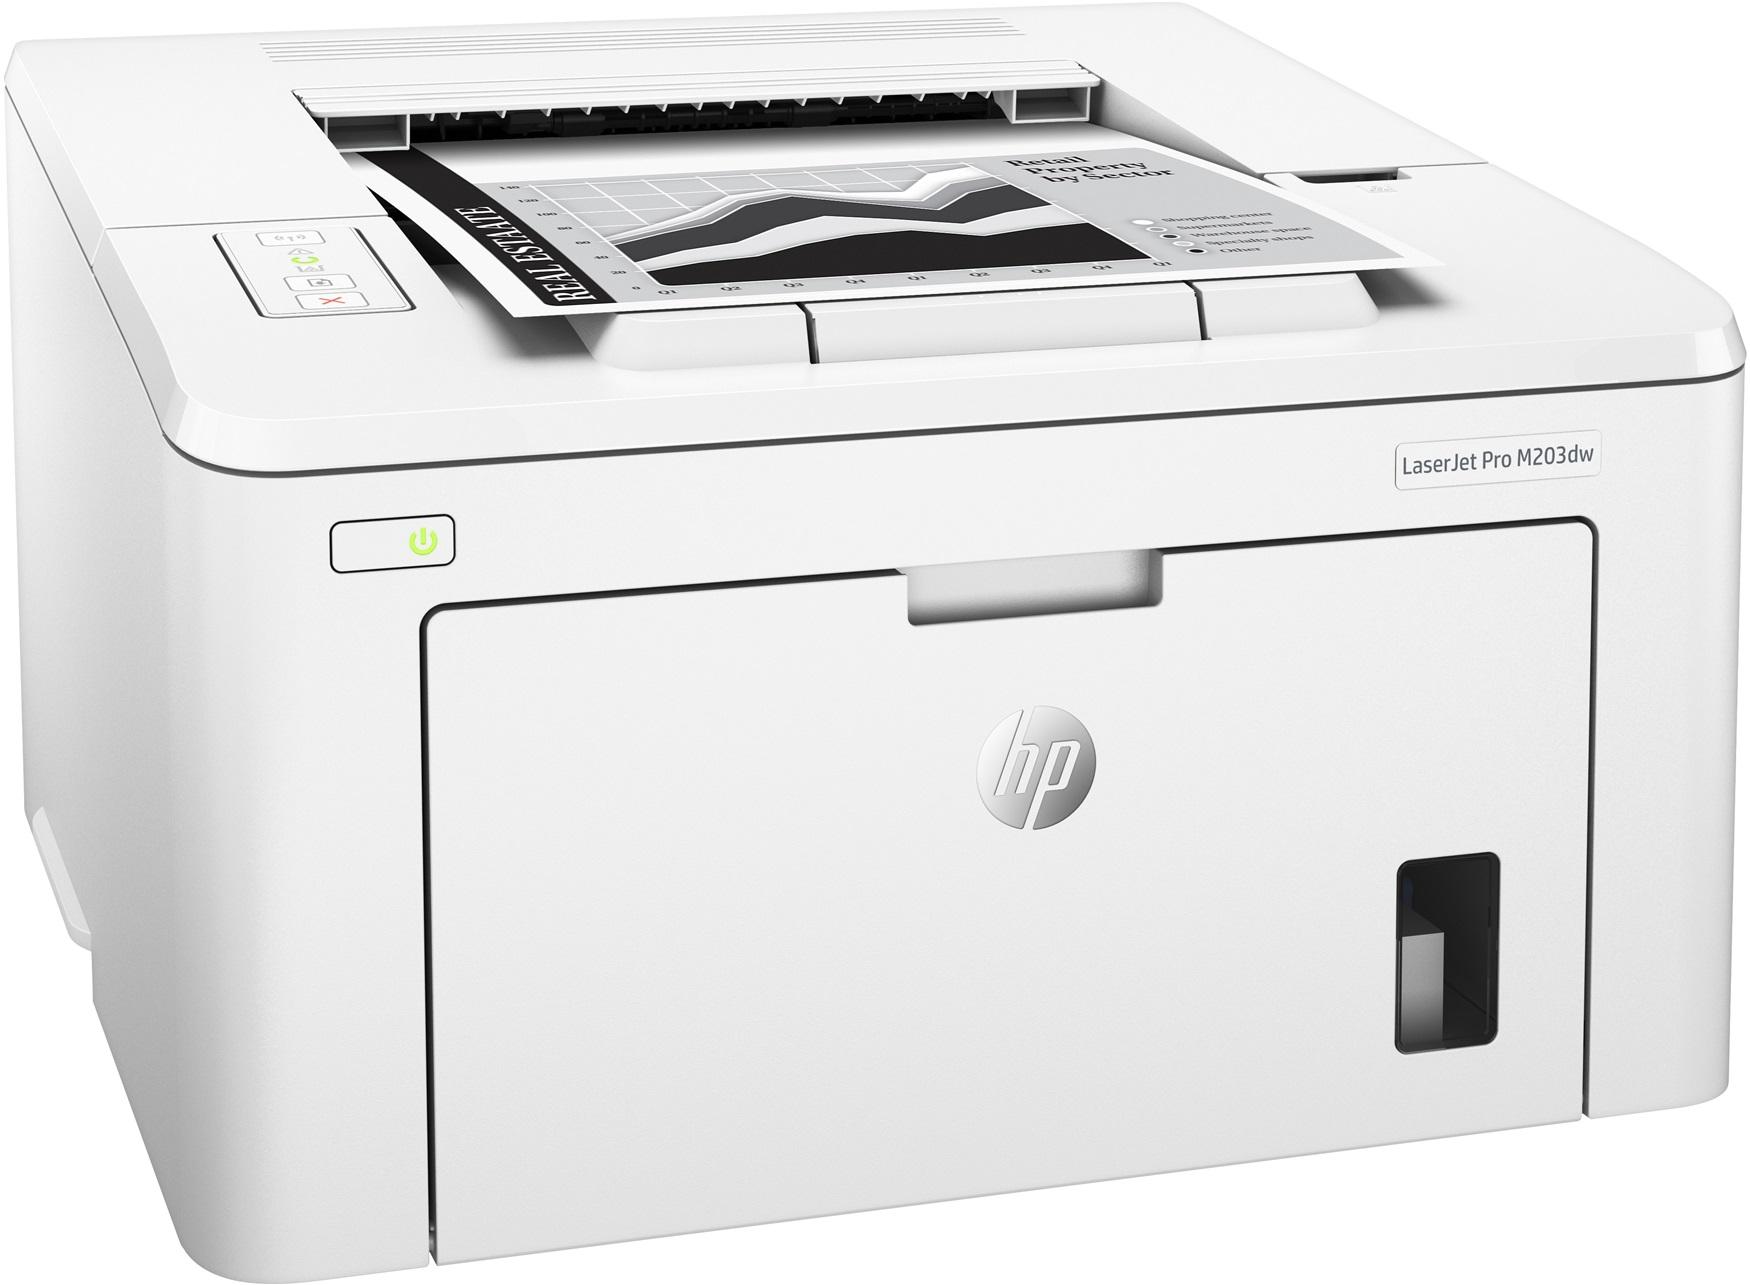 Принтер HP LaserJet Pro M203dw Printer